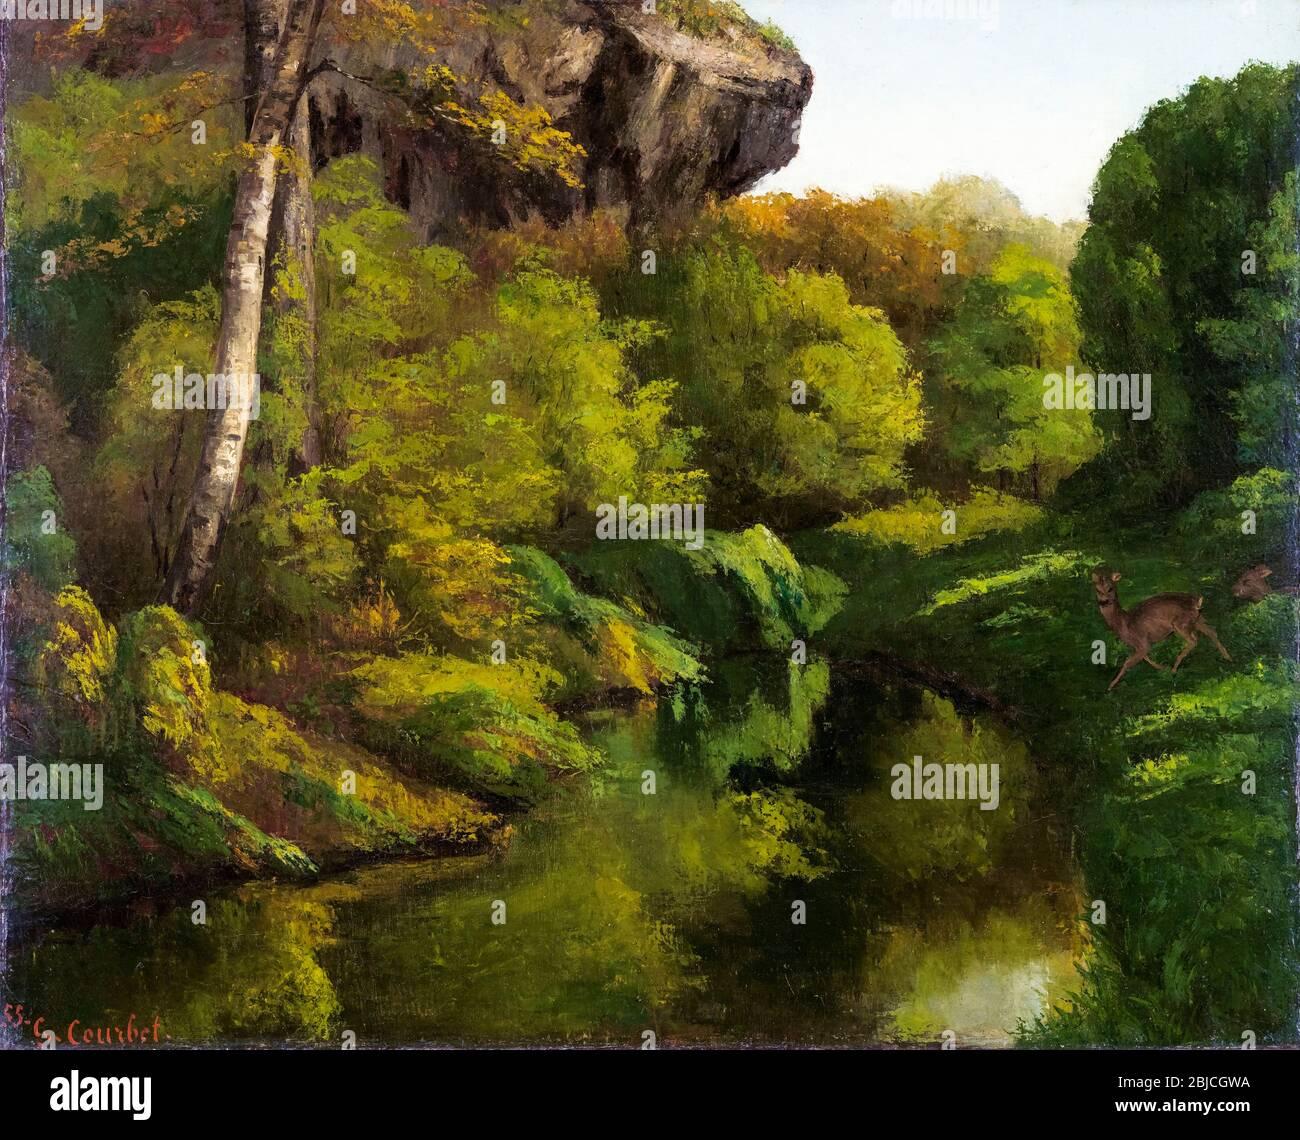 Gustave Courbet Vue Dans La Foret De Fontainebleau Peinture De Paysage 1855 Photo Stock Alamy